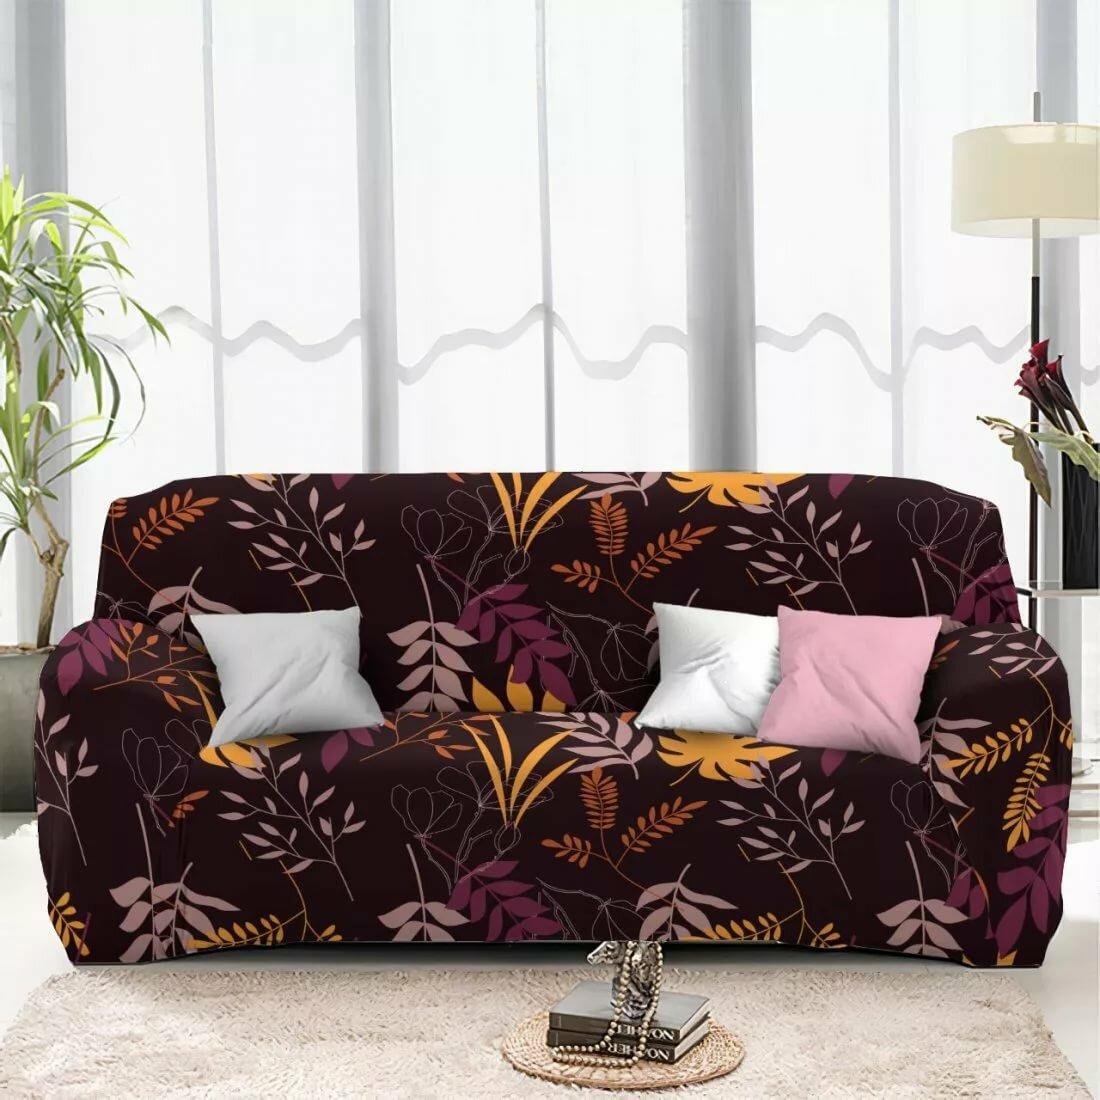 чехол на диван коричневый с листьями